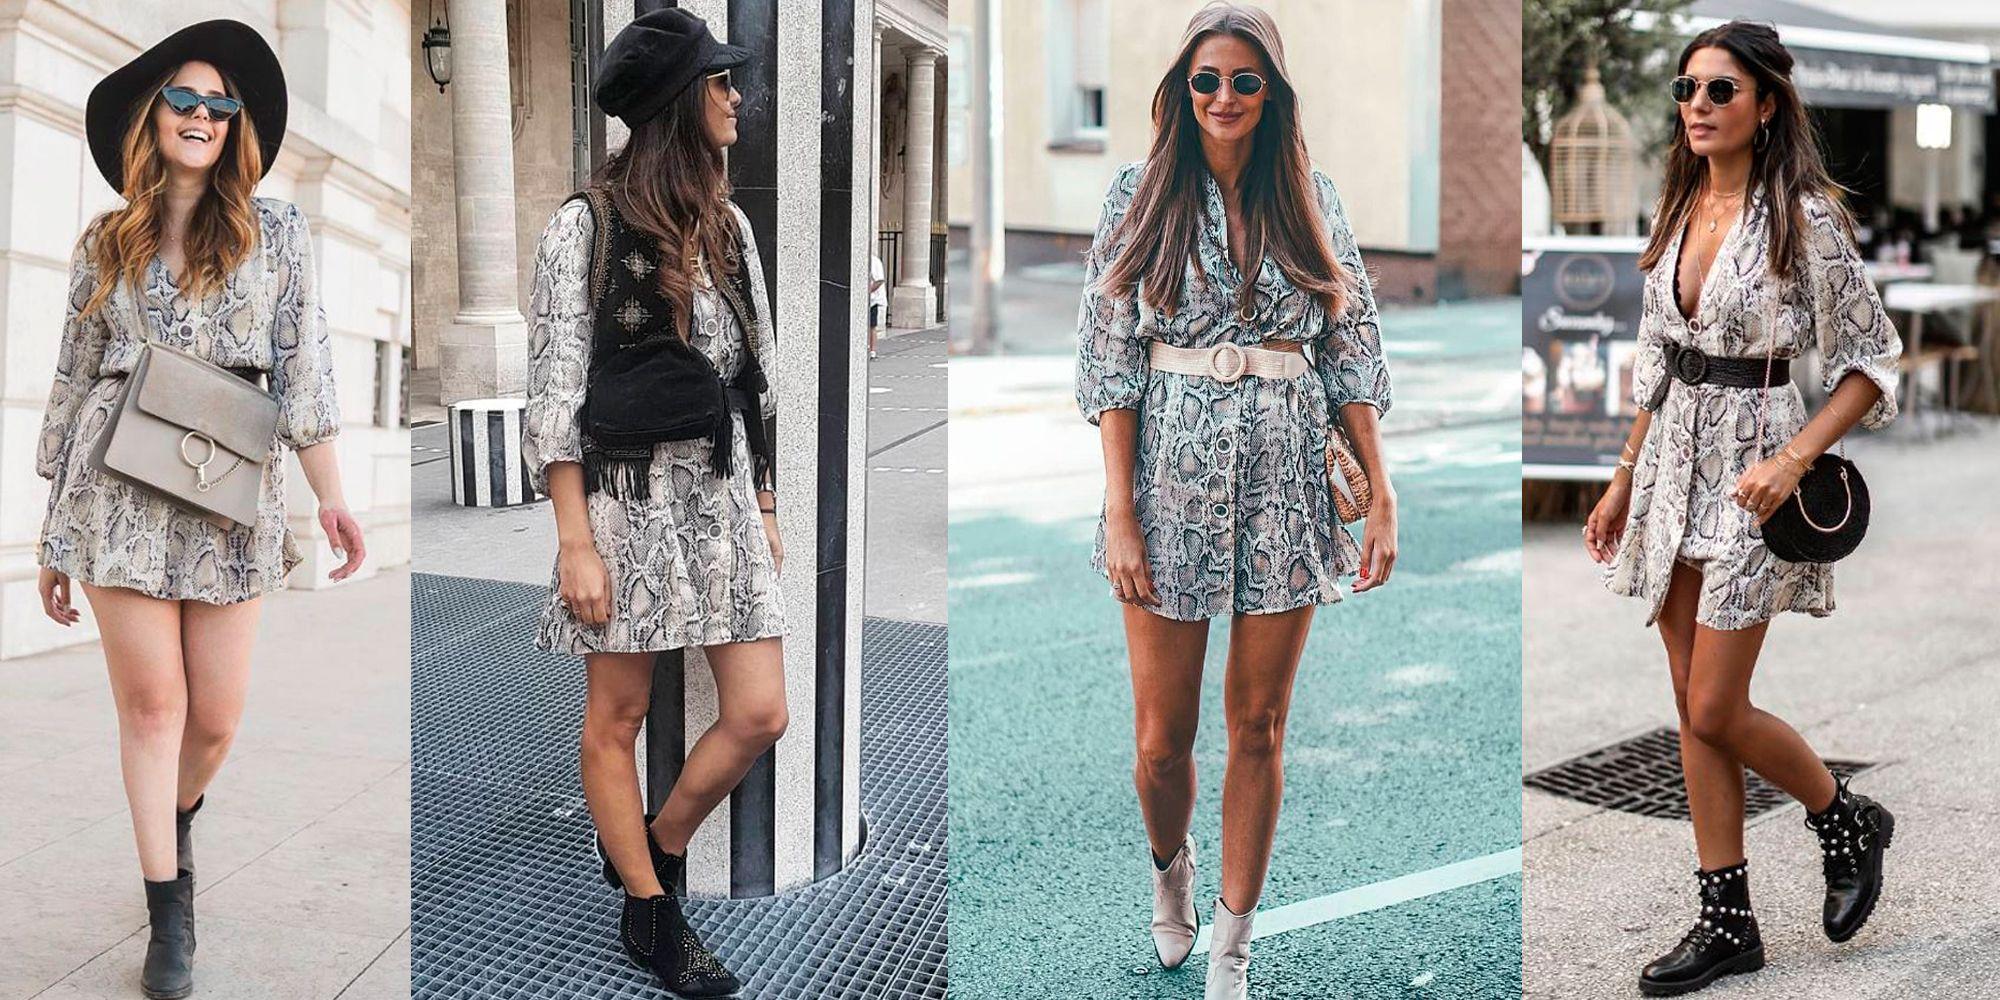 precio favorable 100% autenticado en venta en línea Puede que este sea el vestido más vendido de Zara de todos ...